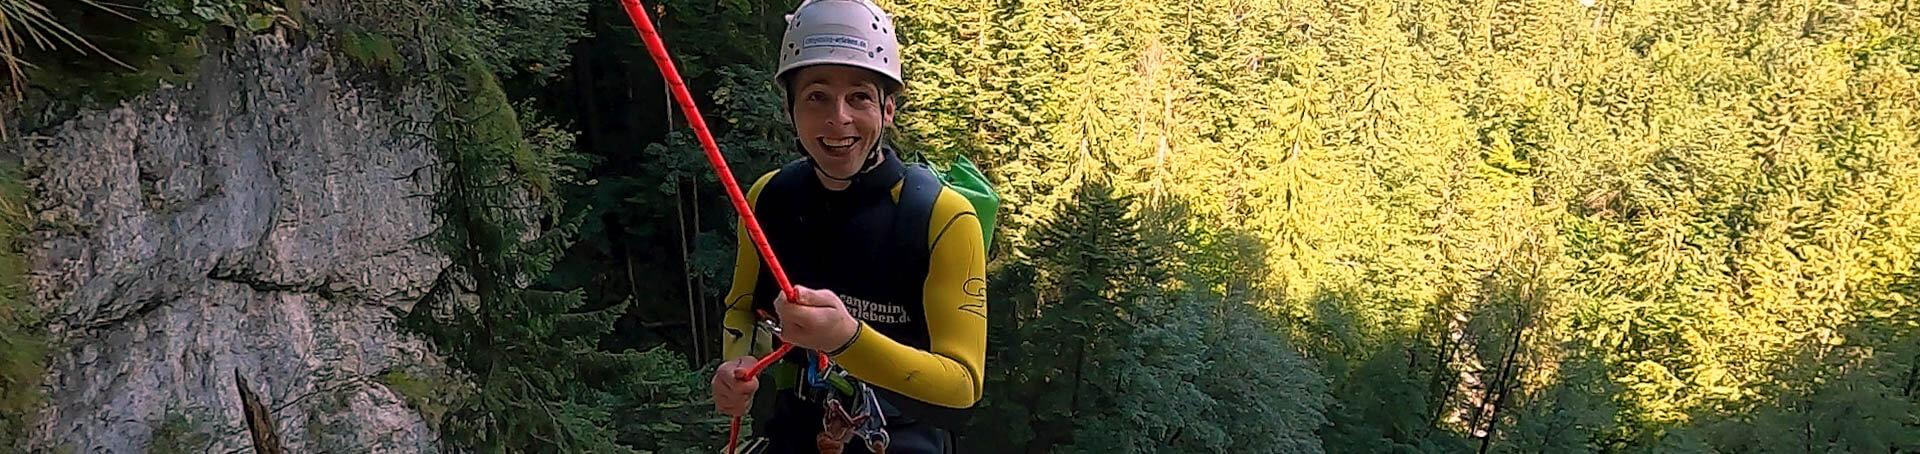 Markus der gerade am Wasserfall herunterklettet